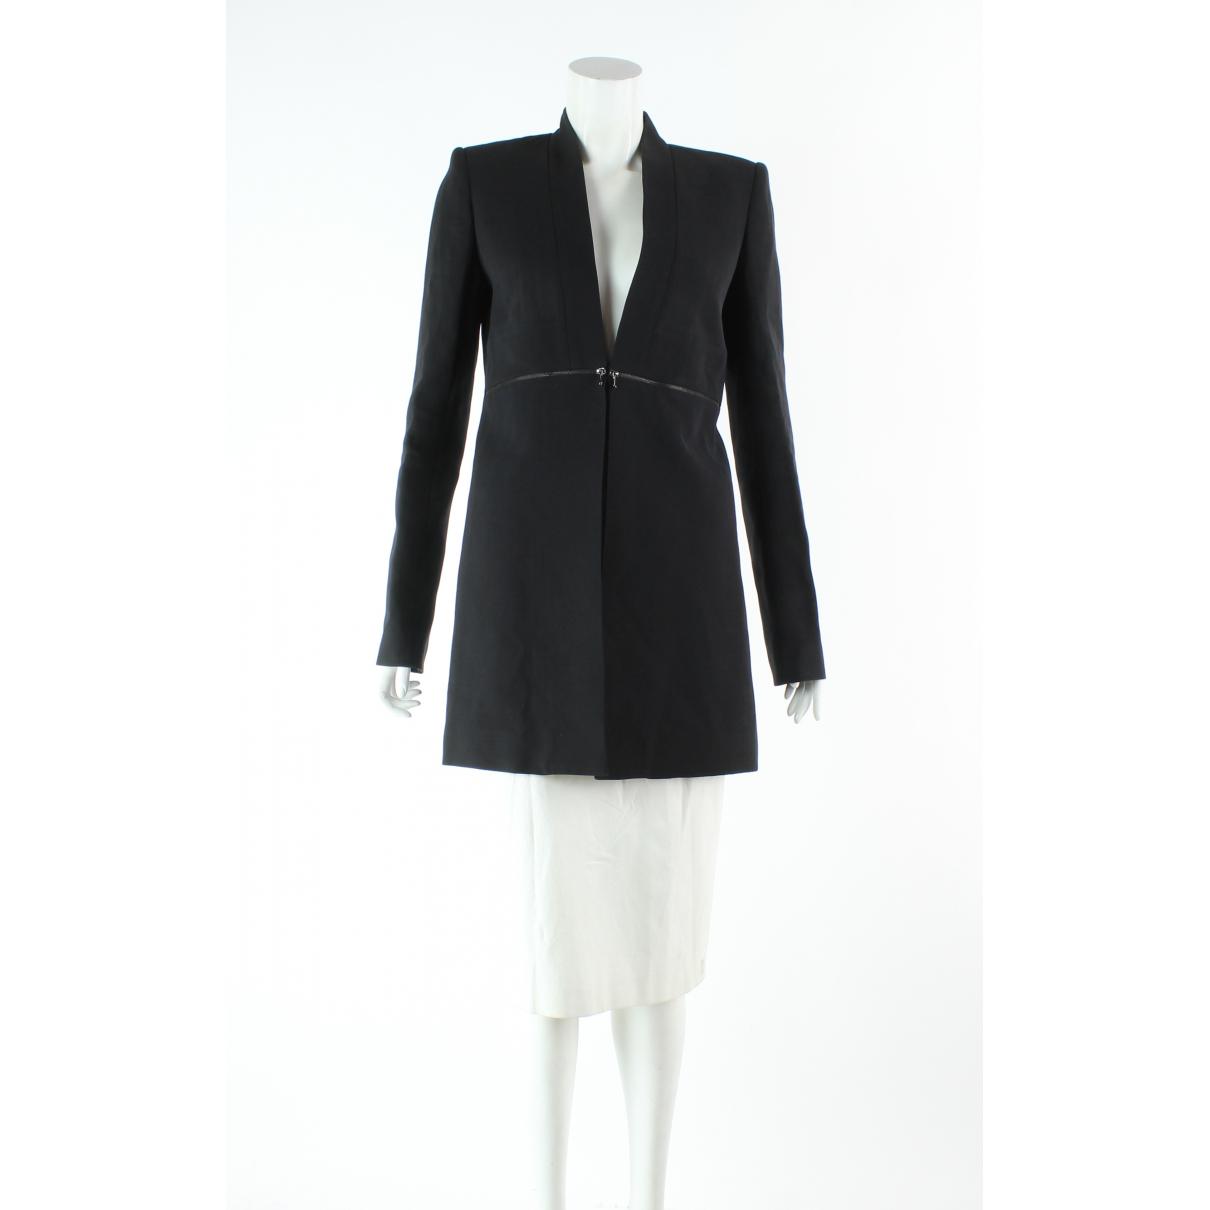 Victoria Beckham \N Black Silk jacket for Women 10 US